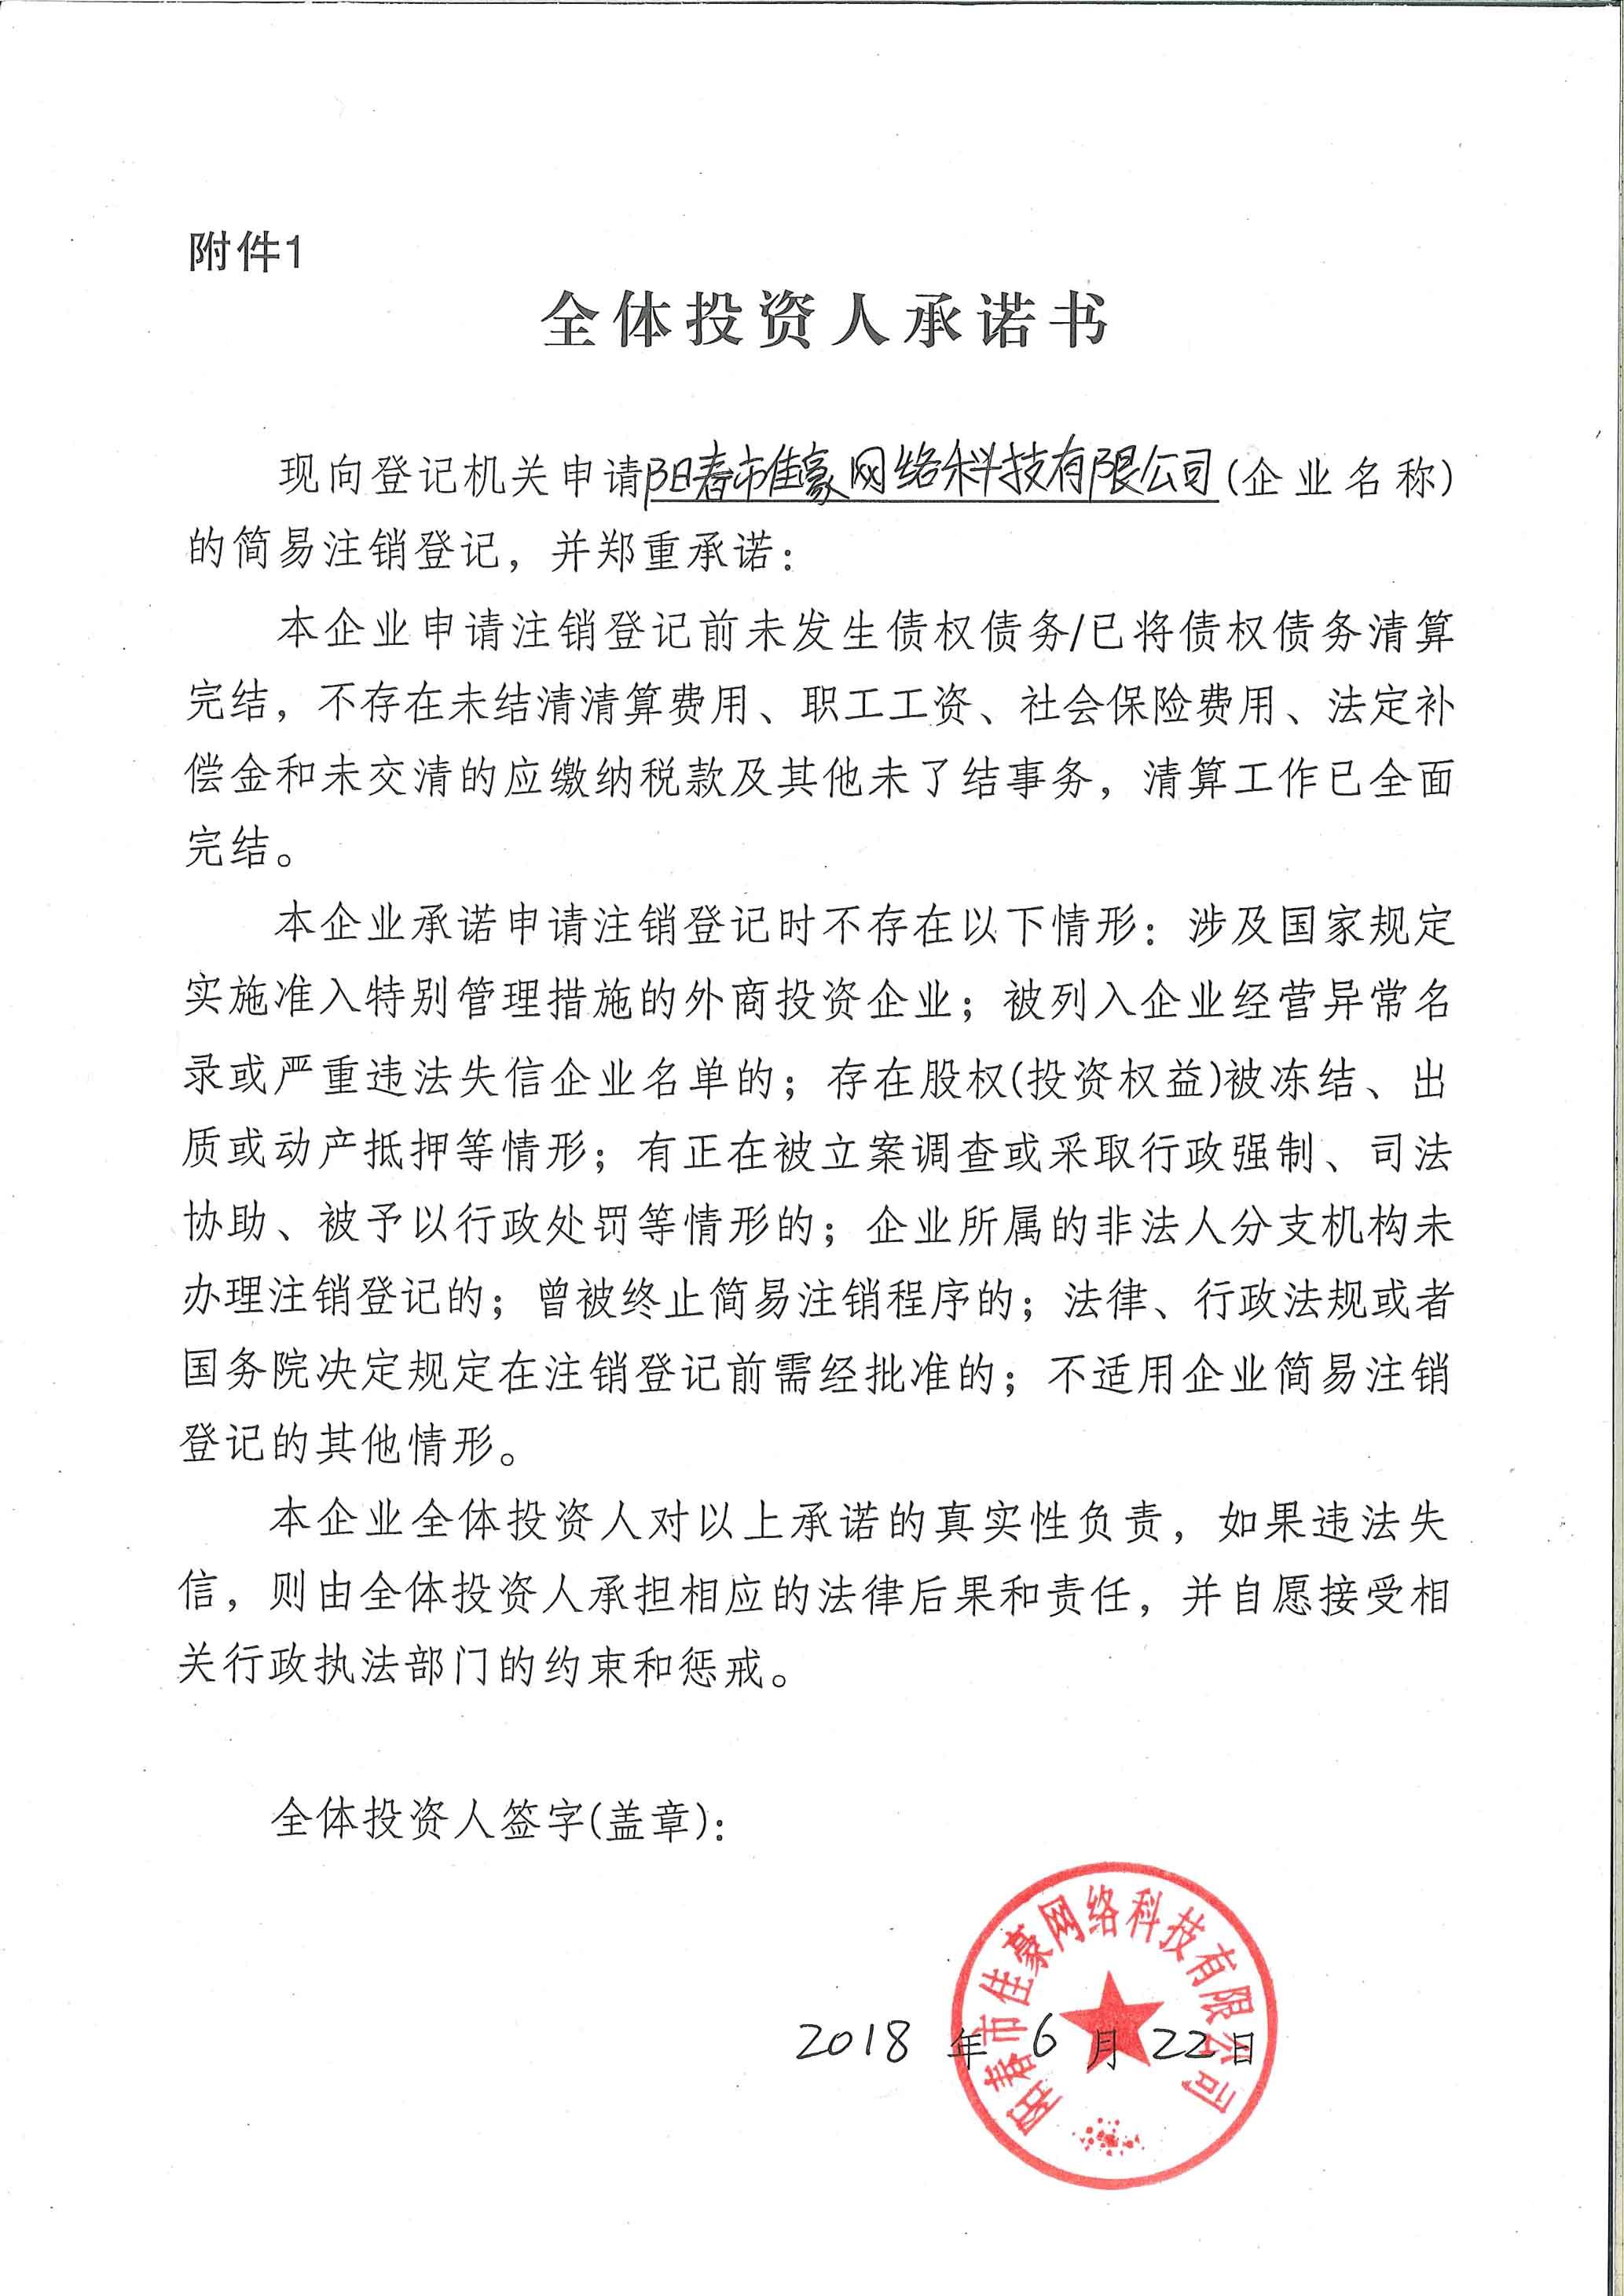 阳春市佳豪网络科技有限公司